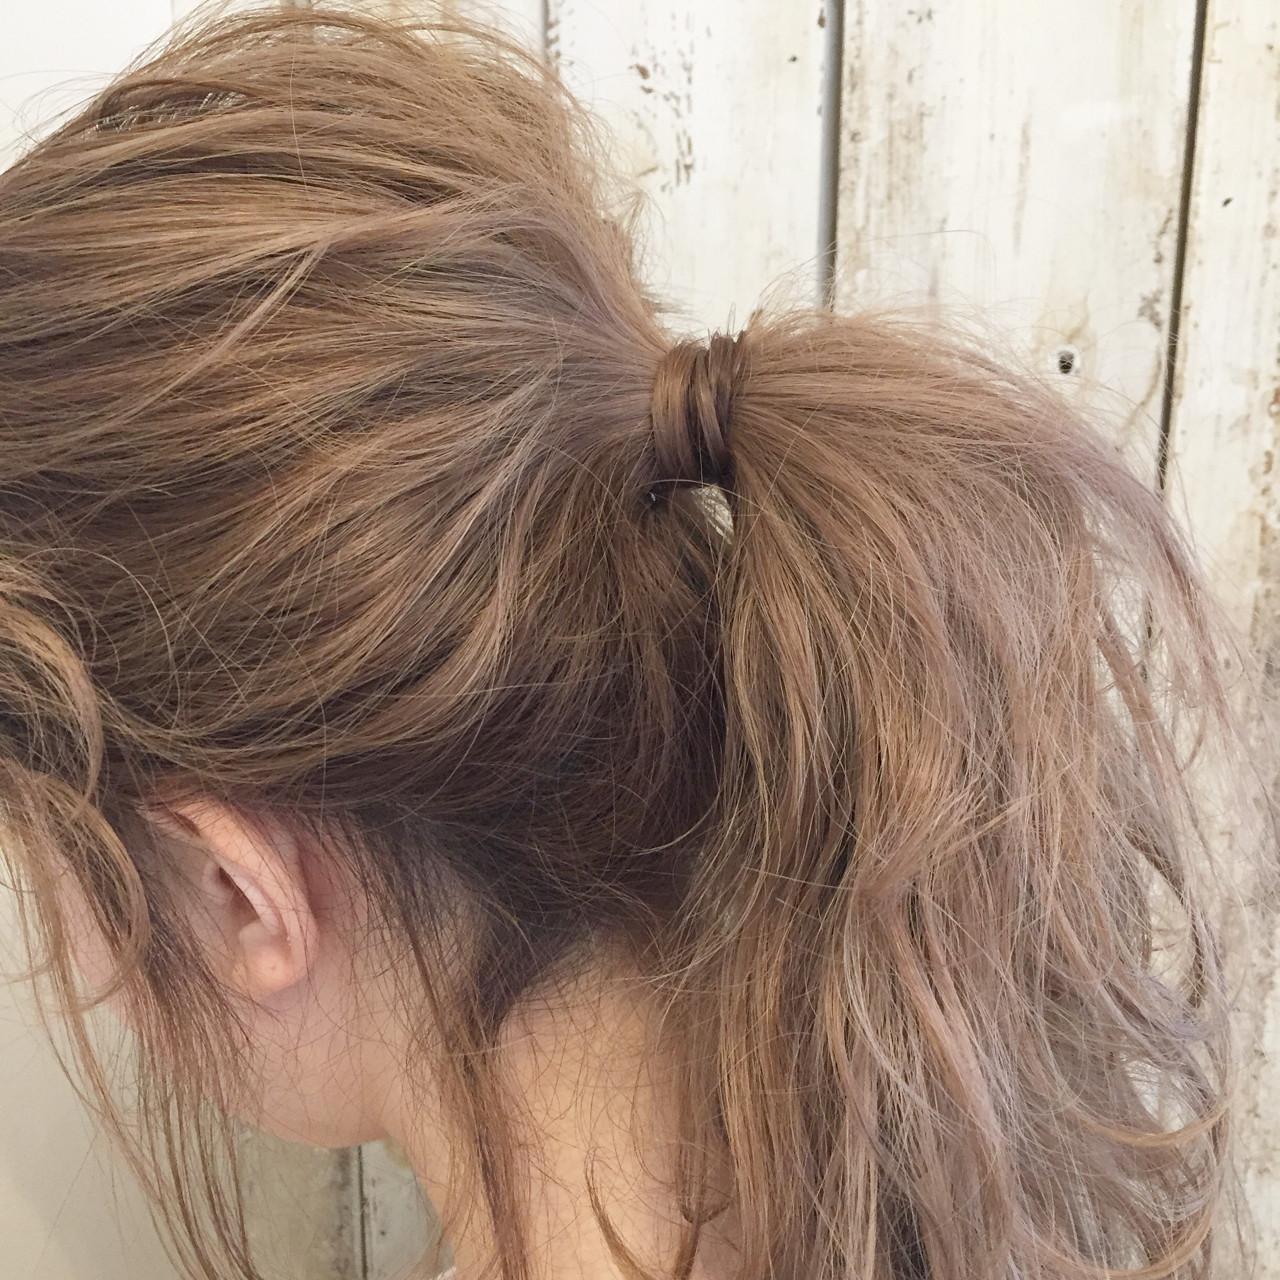 ヘアアレンジ セミロング アッシュ ミルクティー ヘアスタイルや髪型の写真・画像